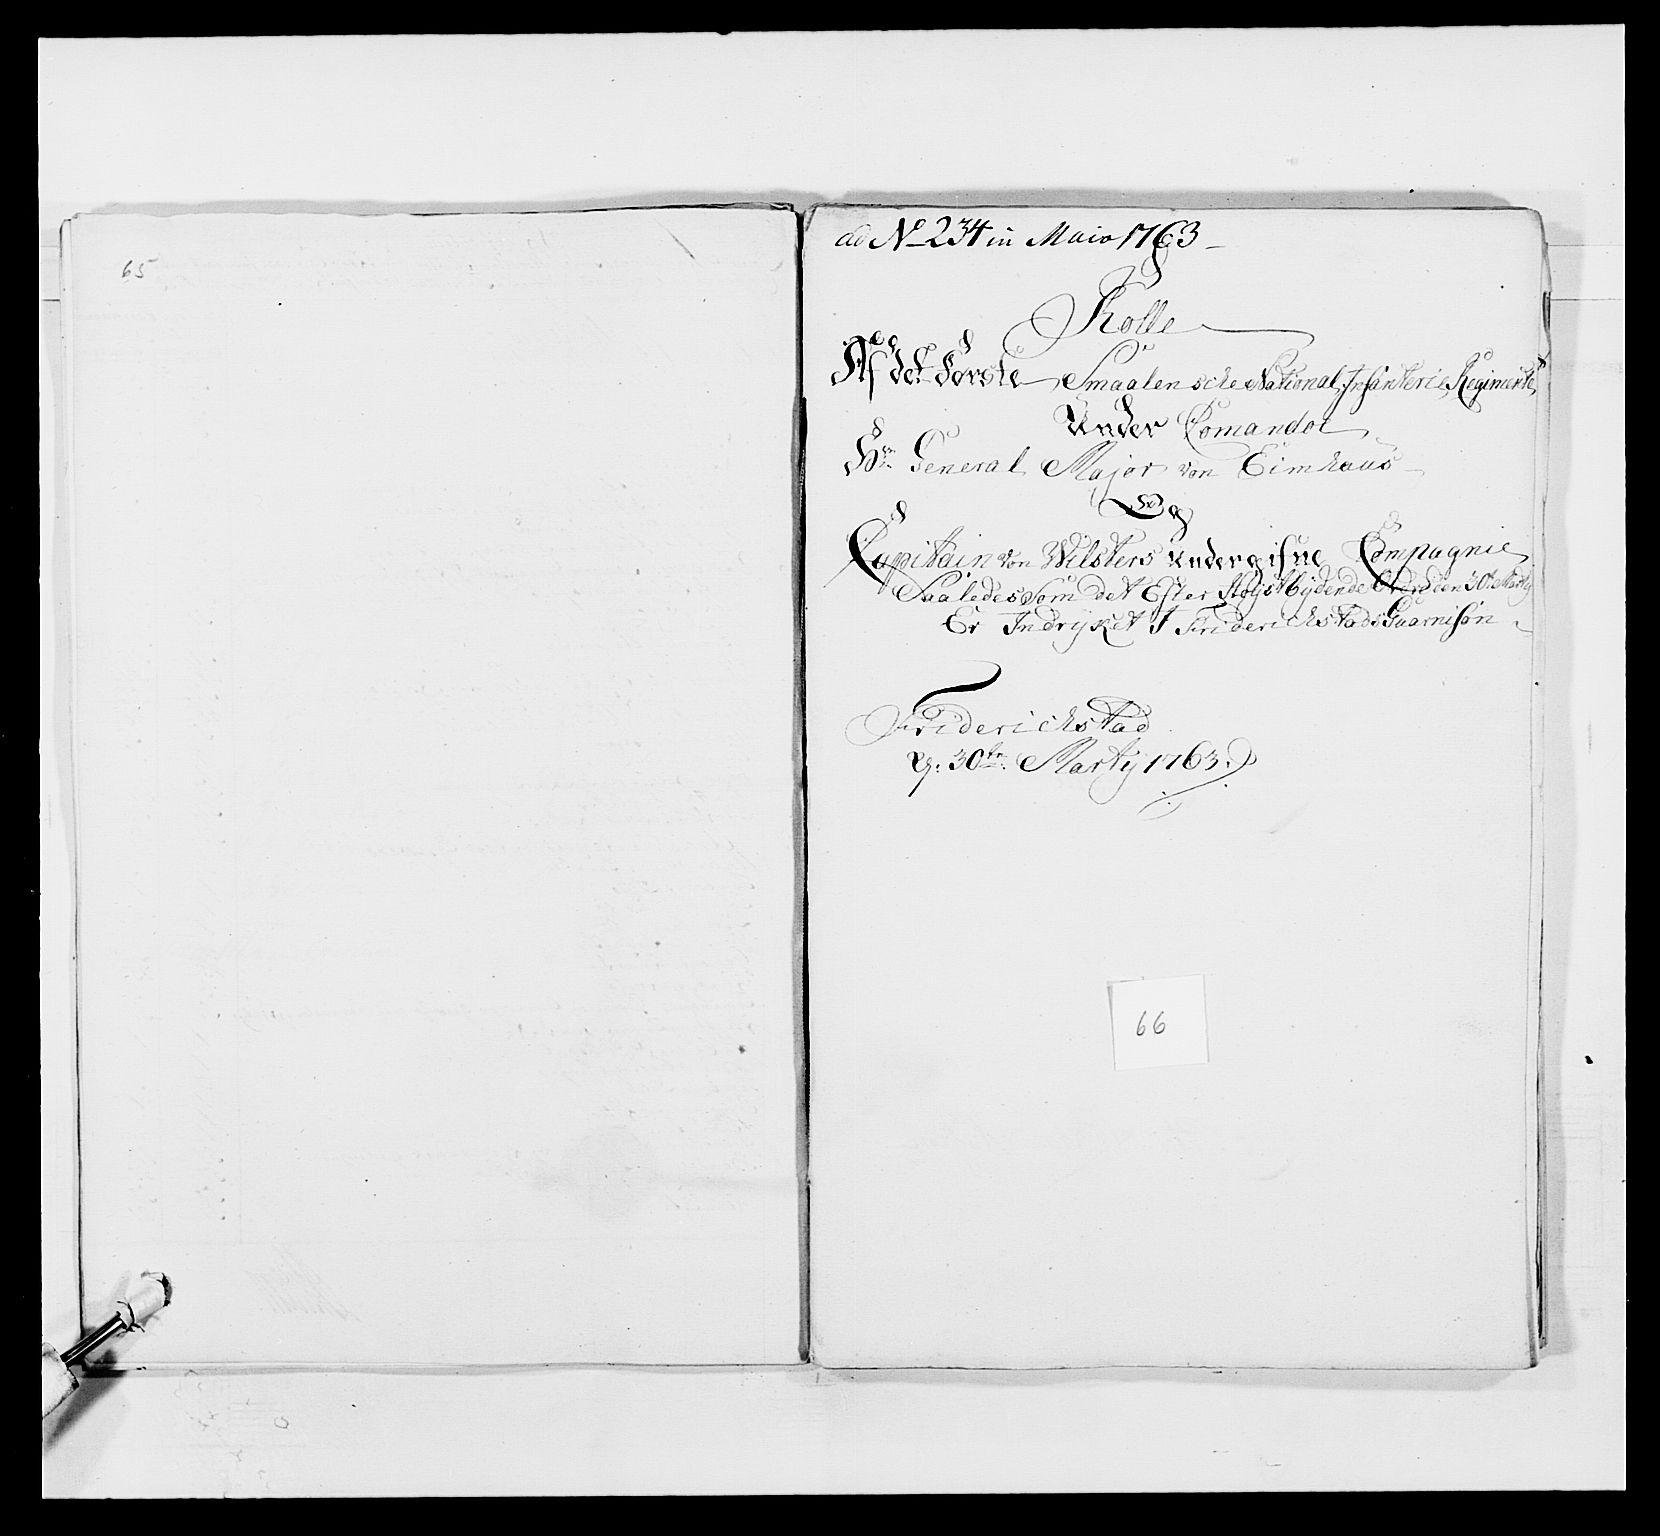 RA, Kommanderende general (KG I) med Det norske krigsdirektorium, E/Ea/L0495: 1. Smålenske regiment, 1732-1763, s. 828